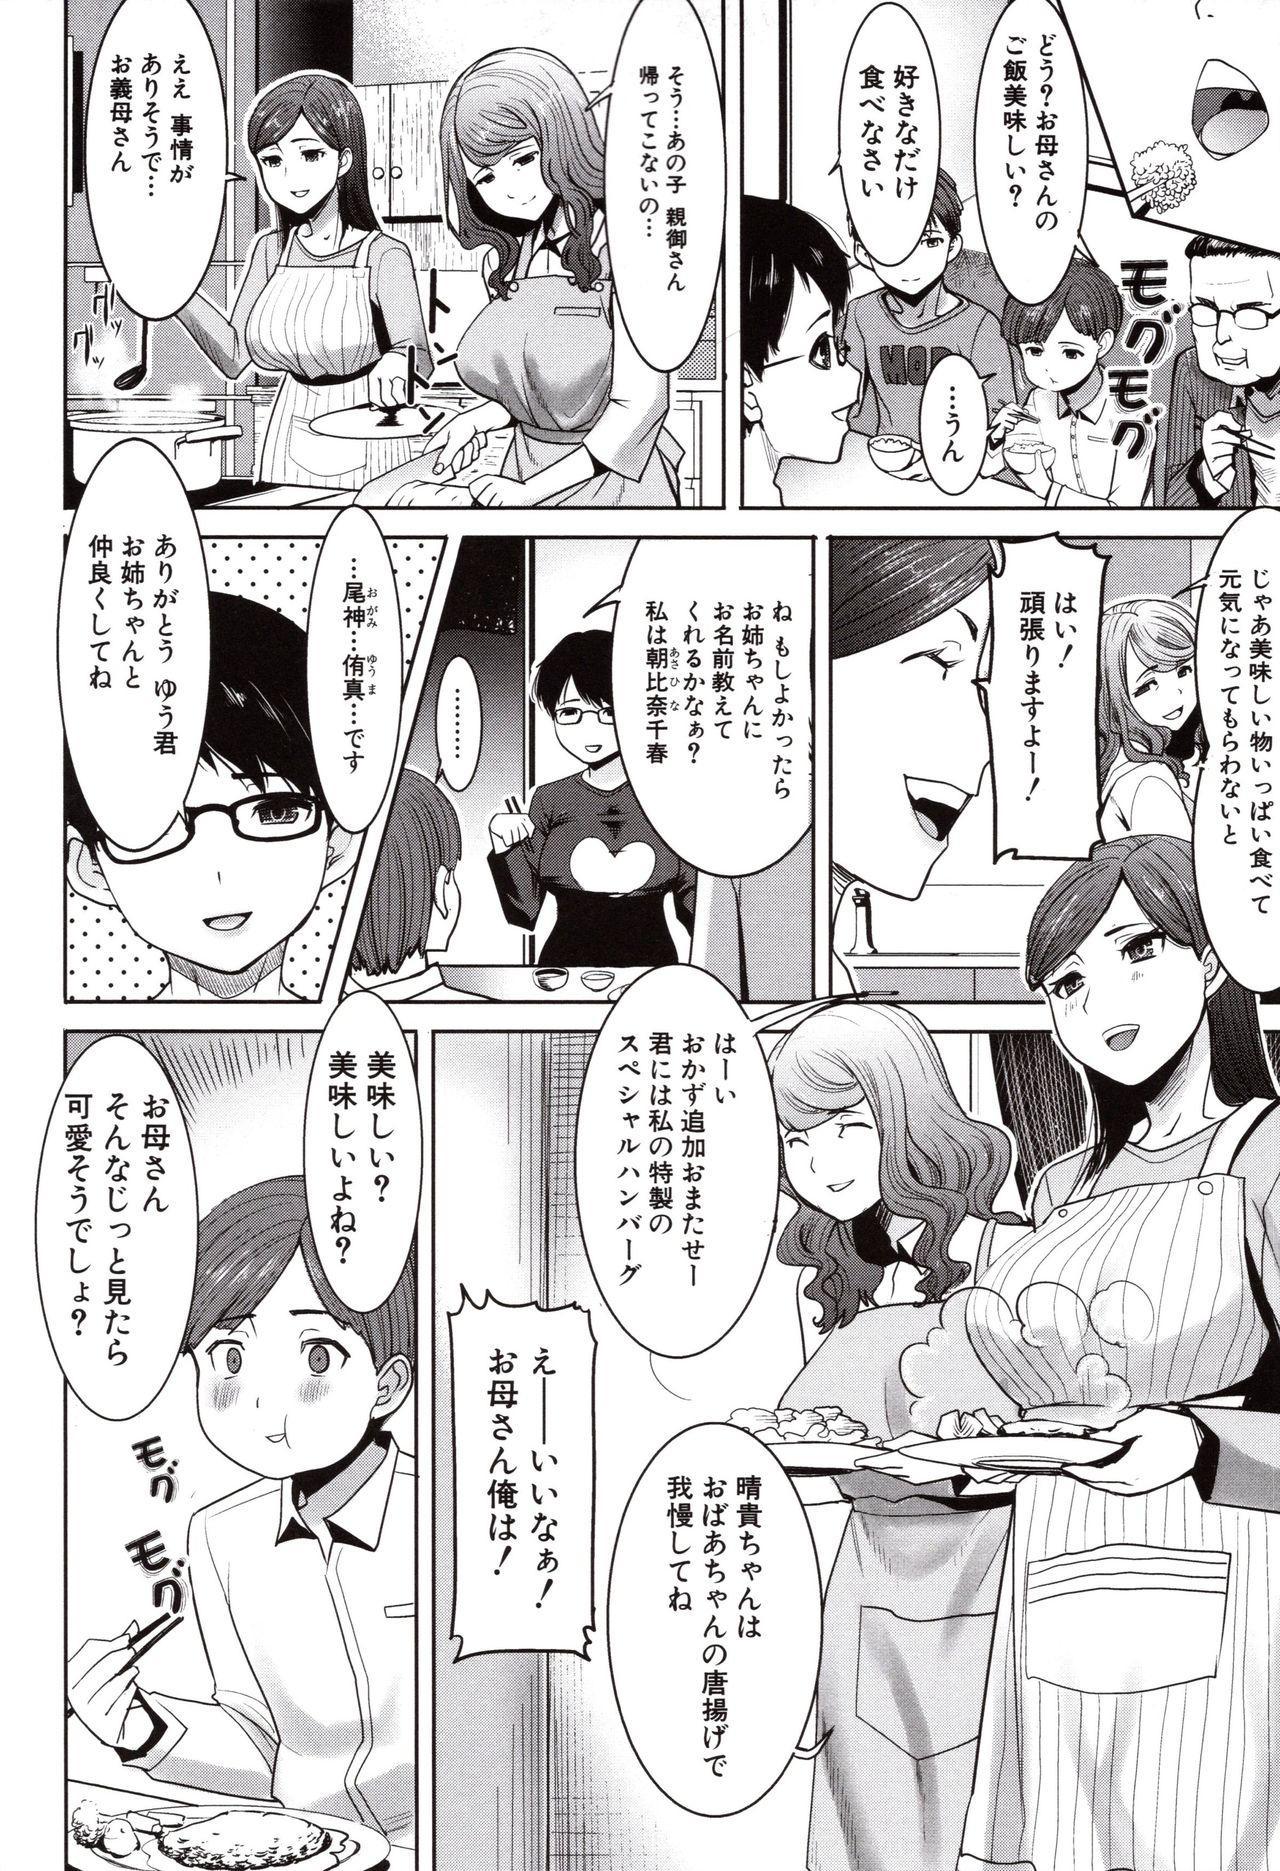 Unsweet - Asahina Ikka Netorareta Haha · Tomoko 9